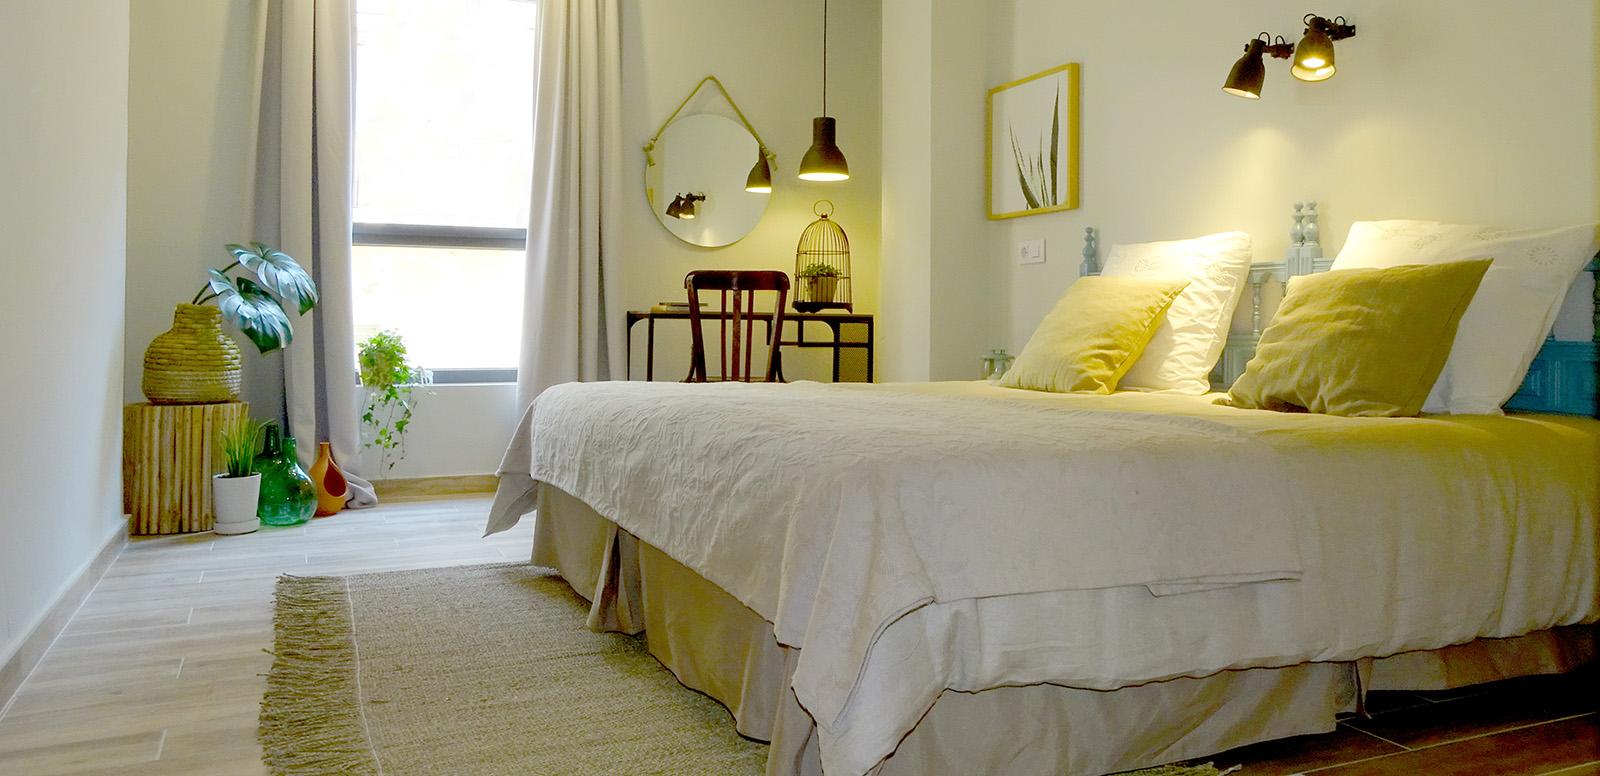 Habitacion_hotel_alcantarilla_c20